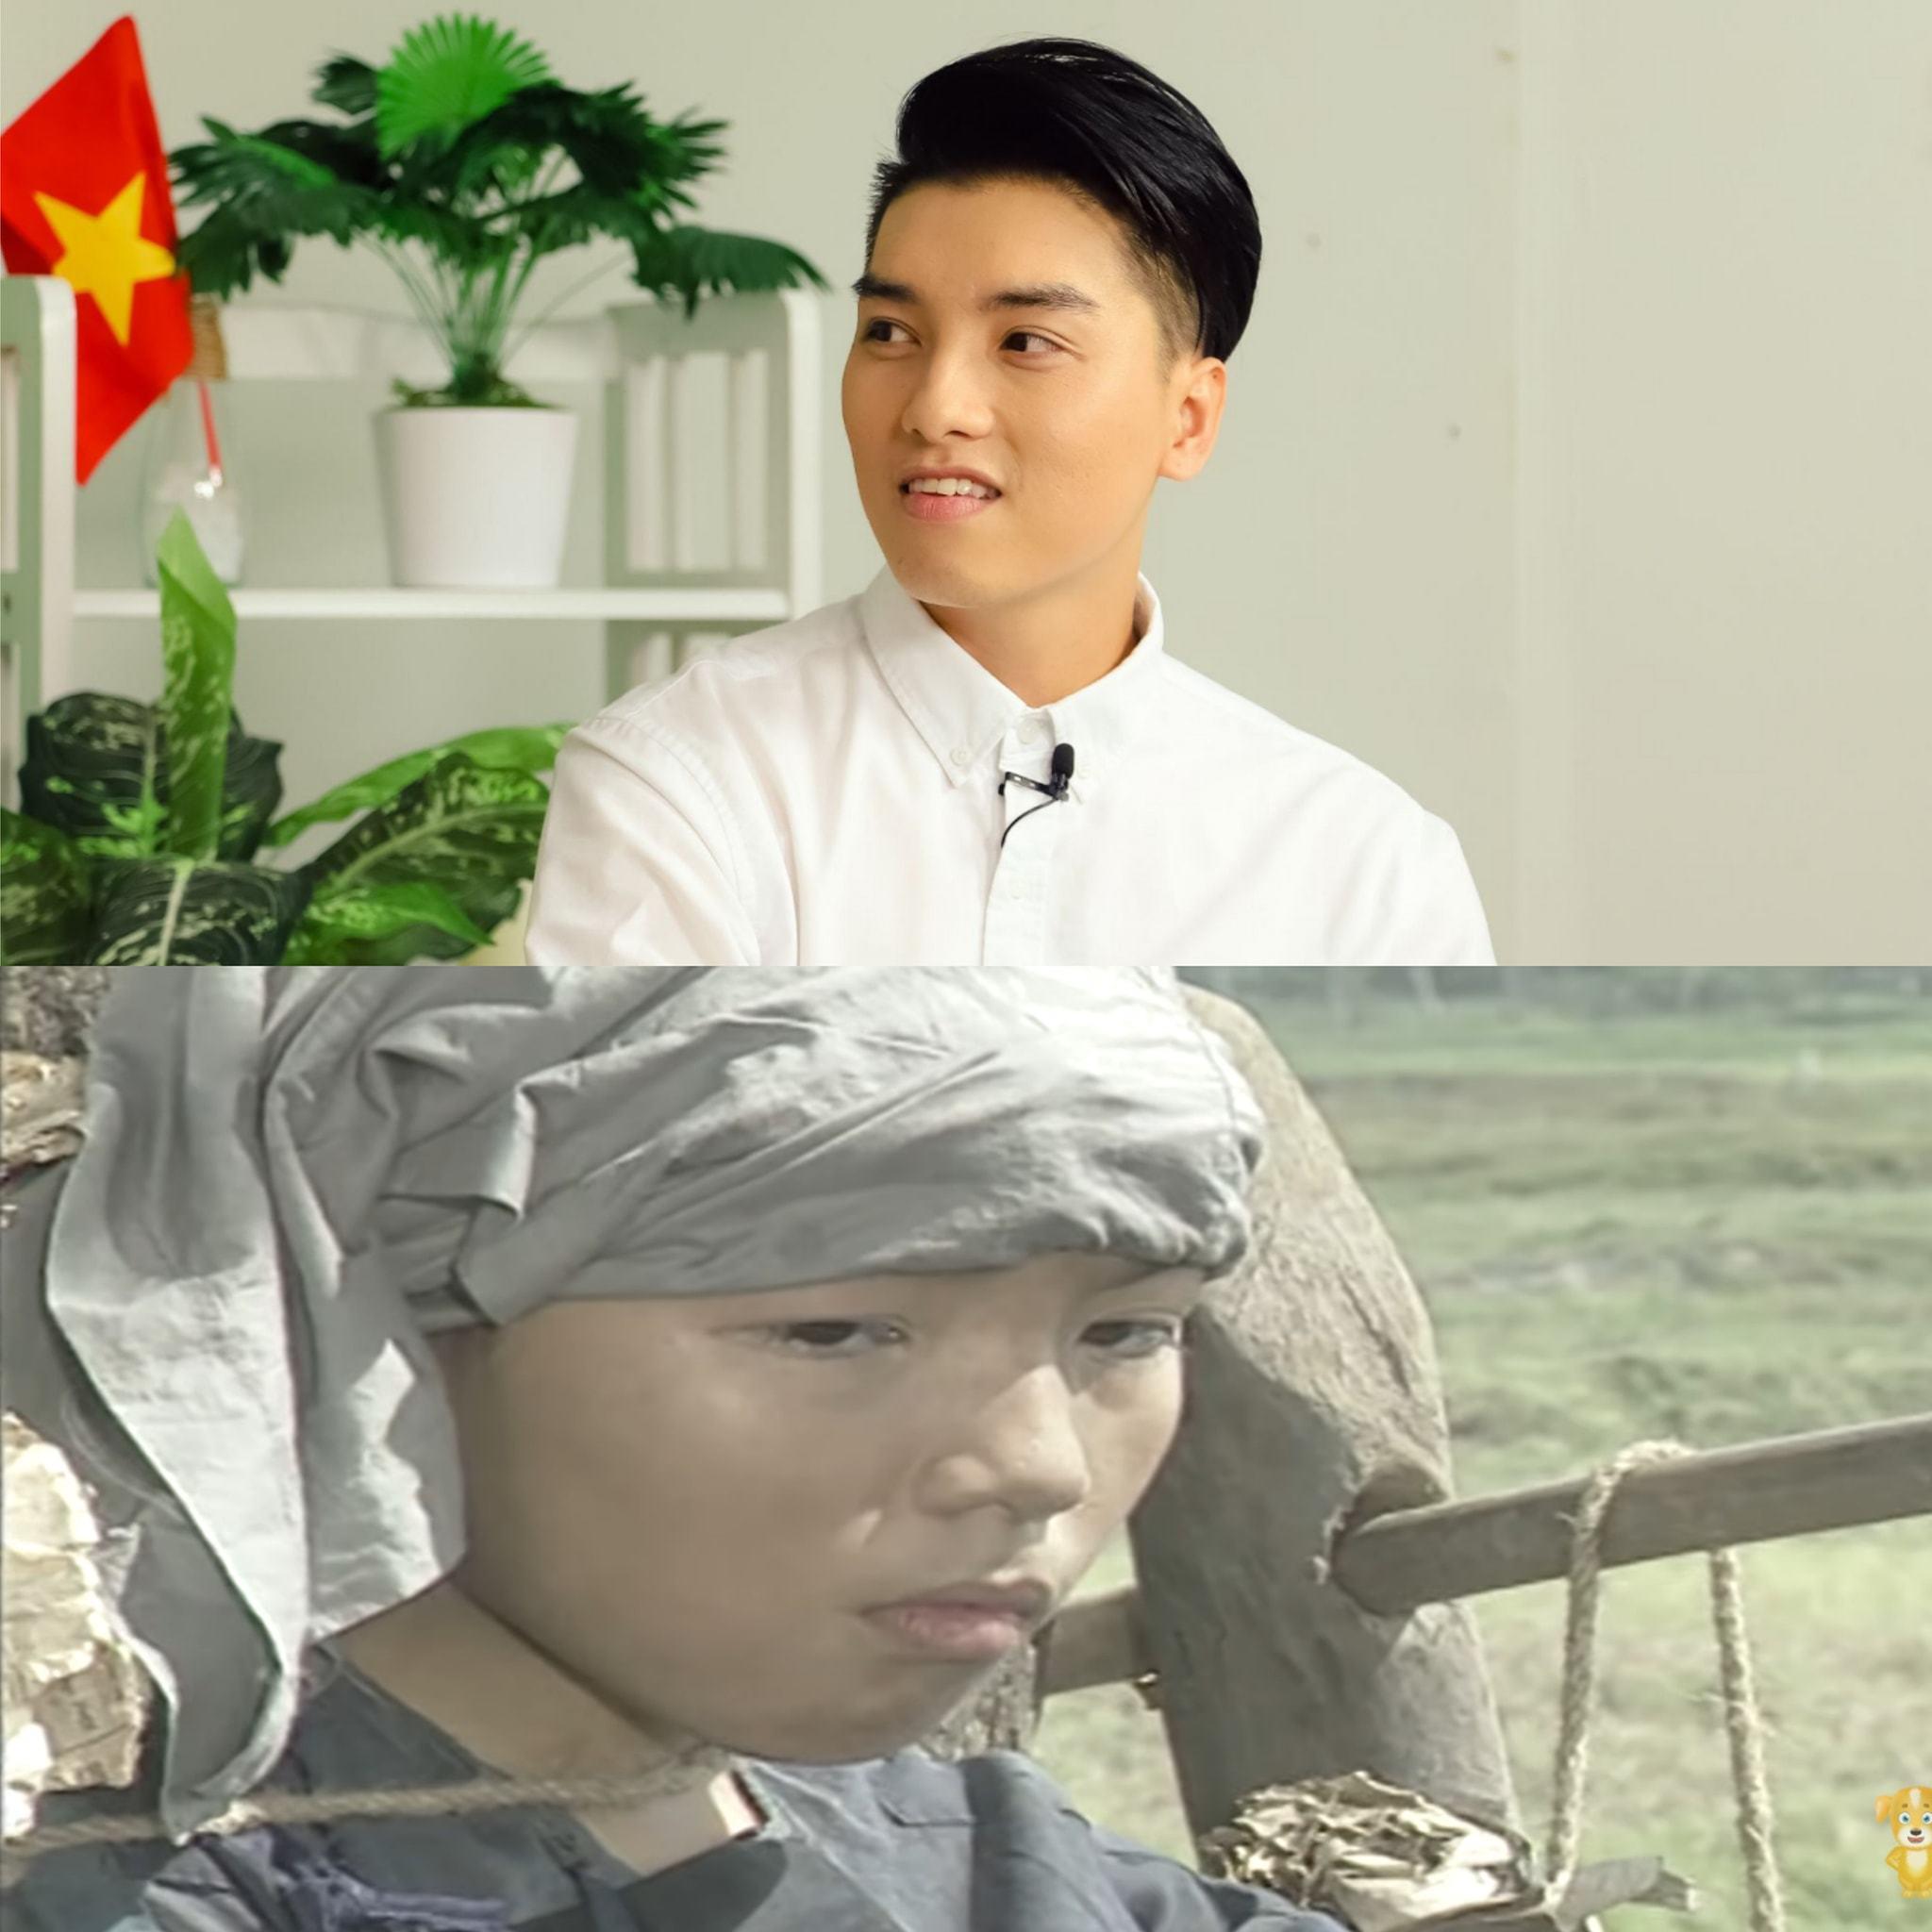 Dàn diễn viên 'Cổ tích Việt Nam' ngày ấy: Người mở công ty riêng, người trải qua cuộc sống lận đận